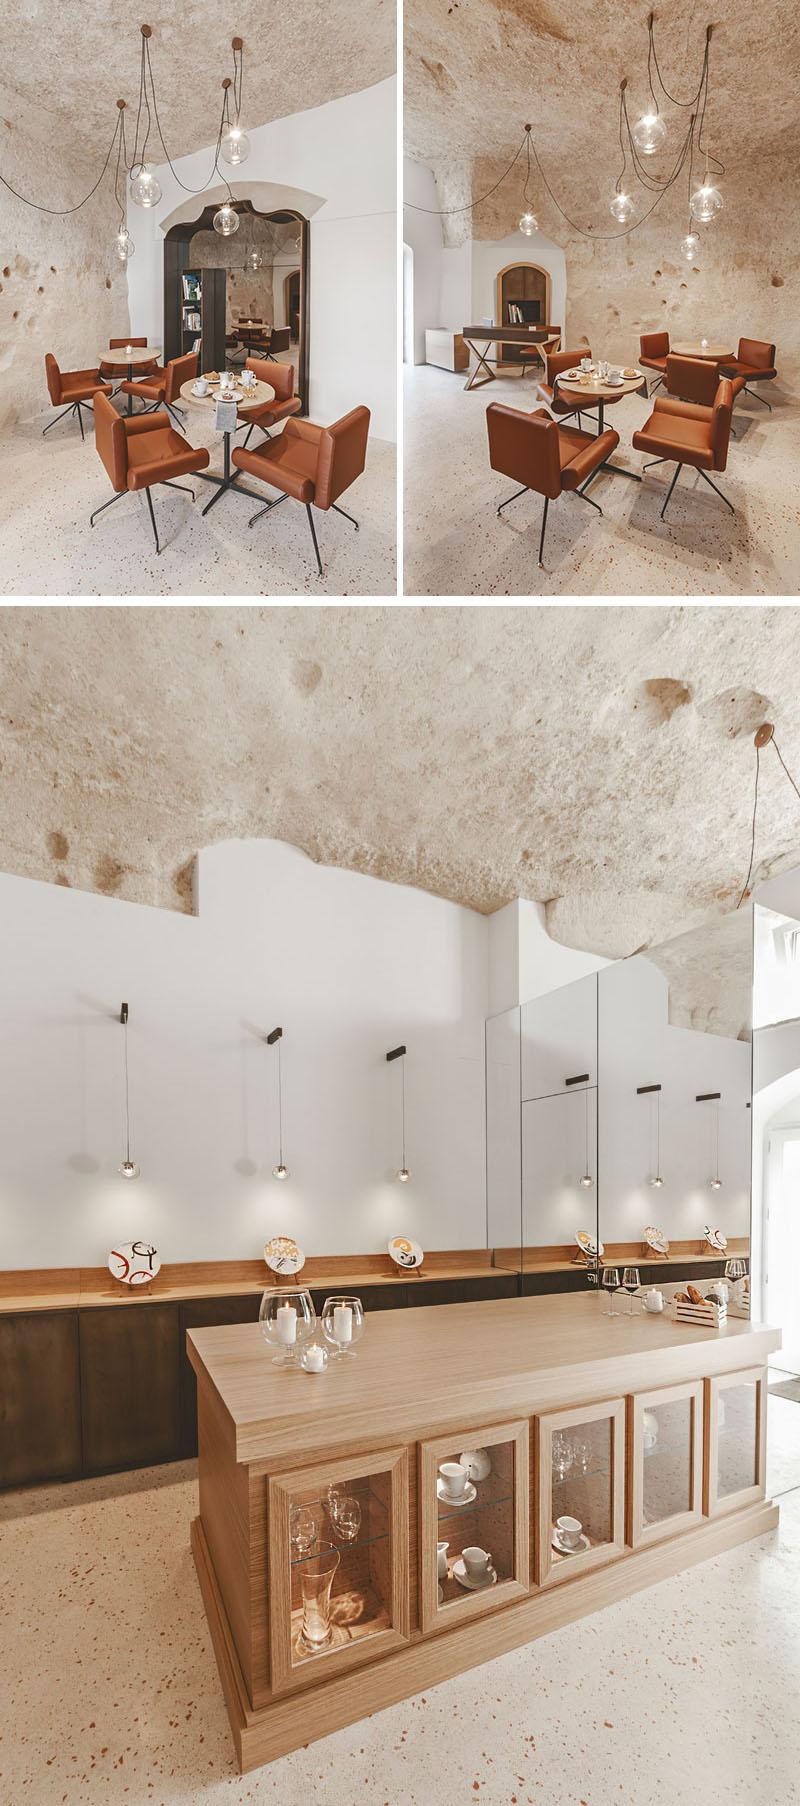 Arquitetos italianos transformam antiga caverna em um oásis moderno 08